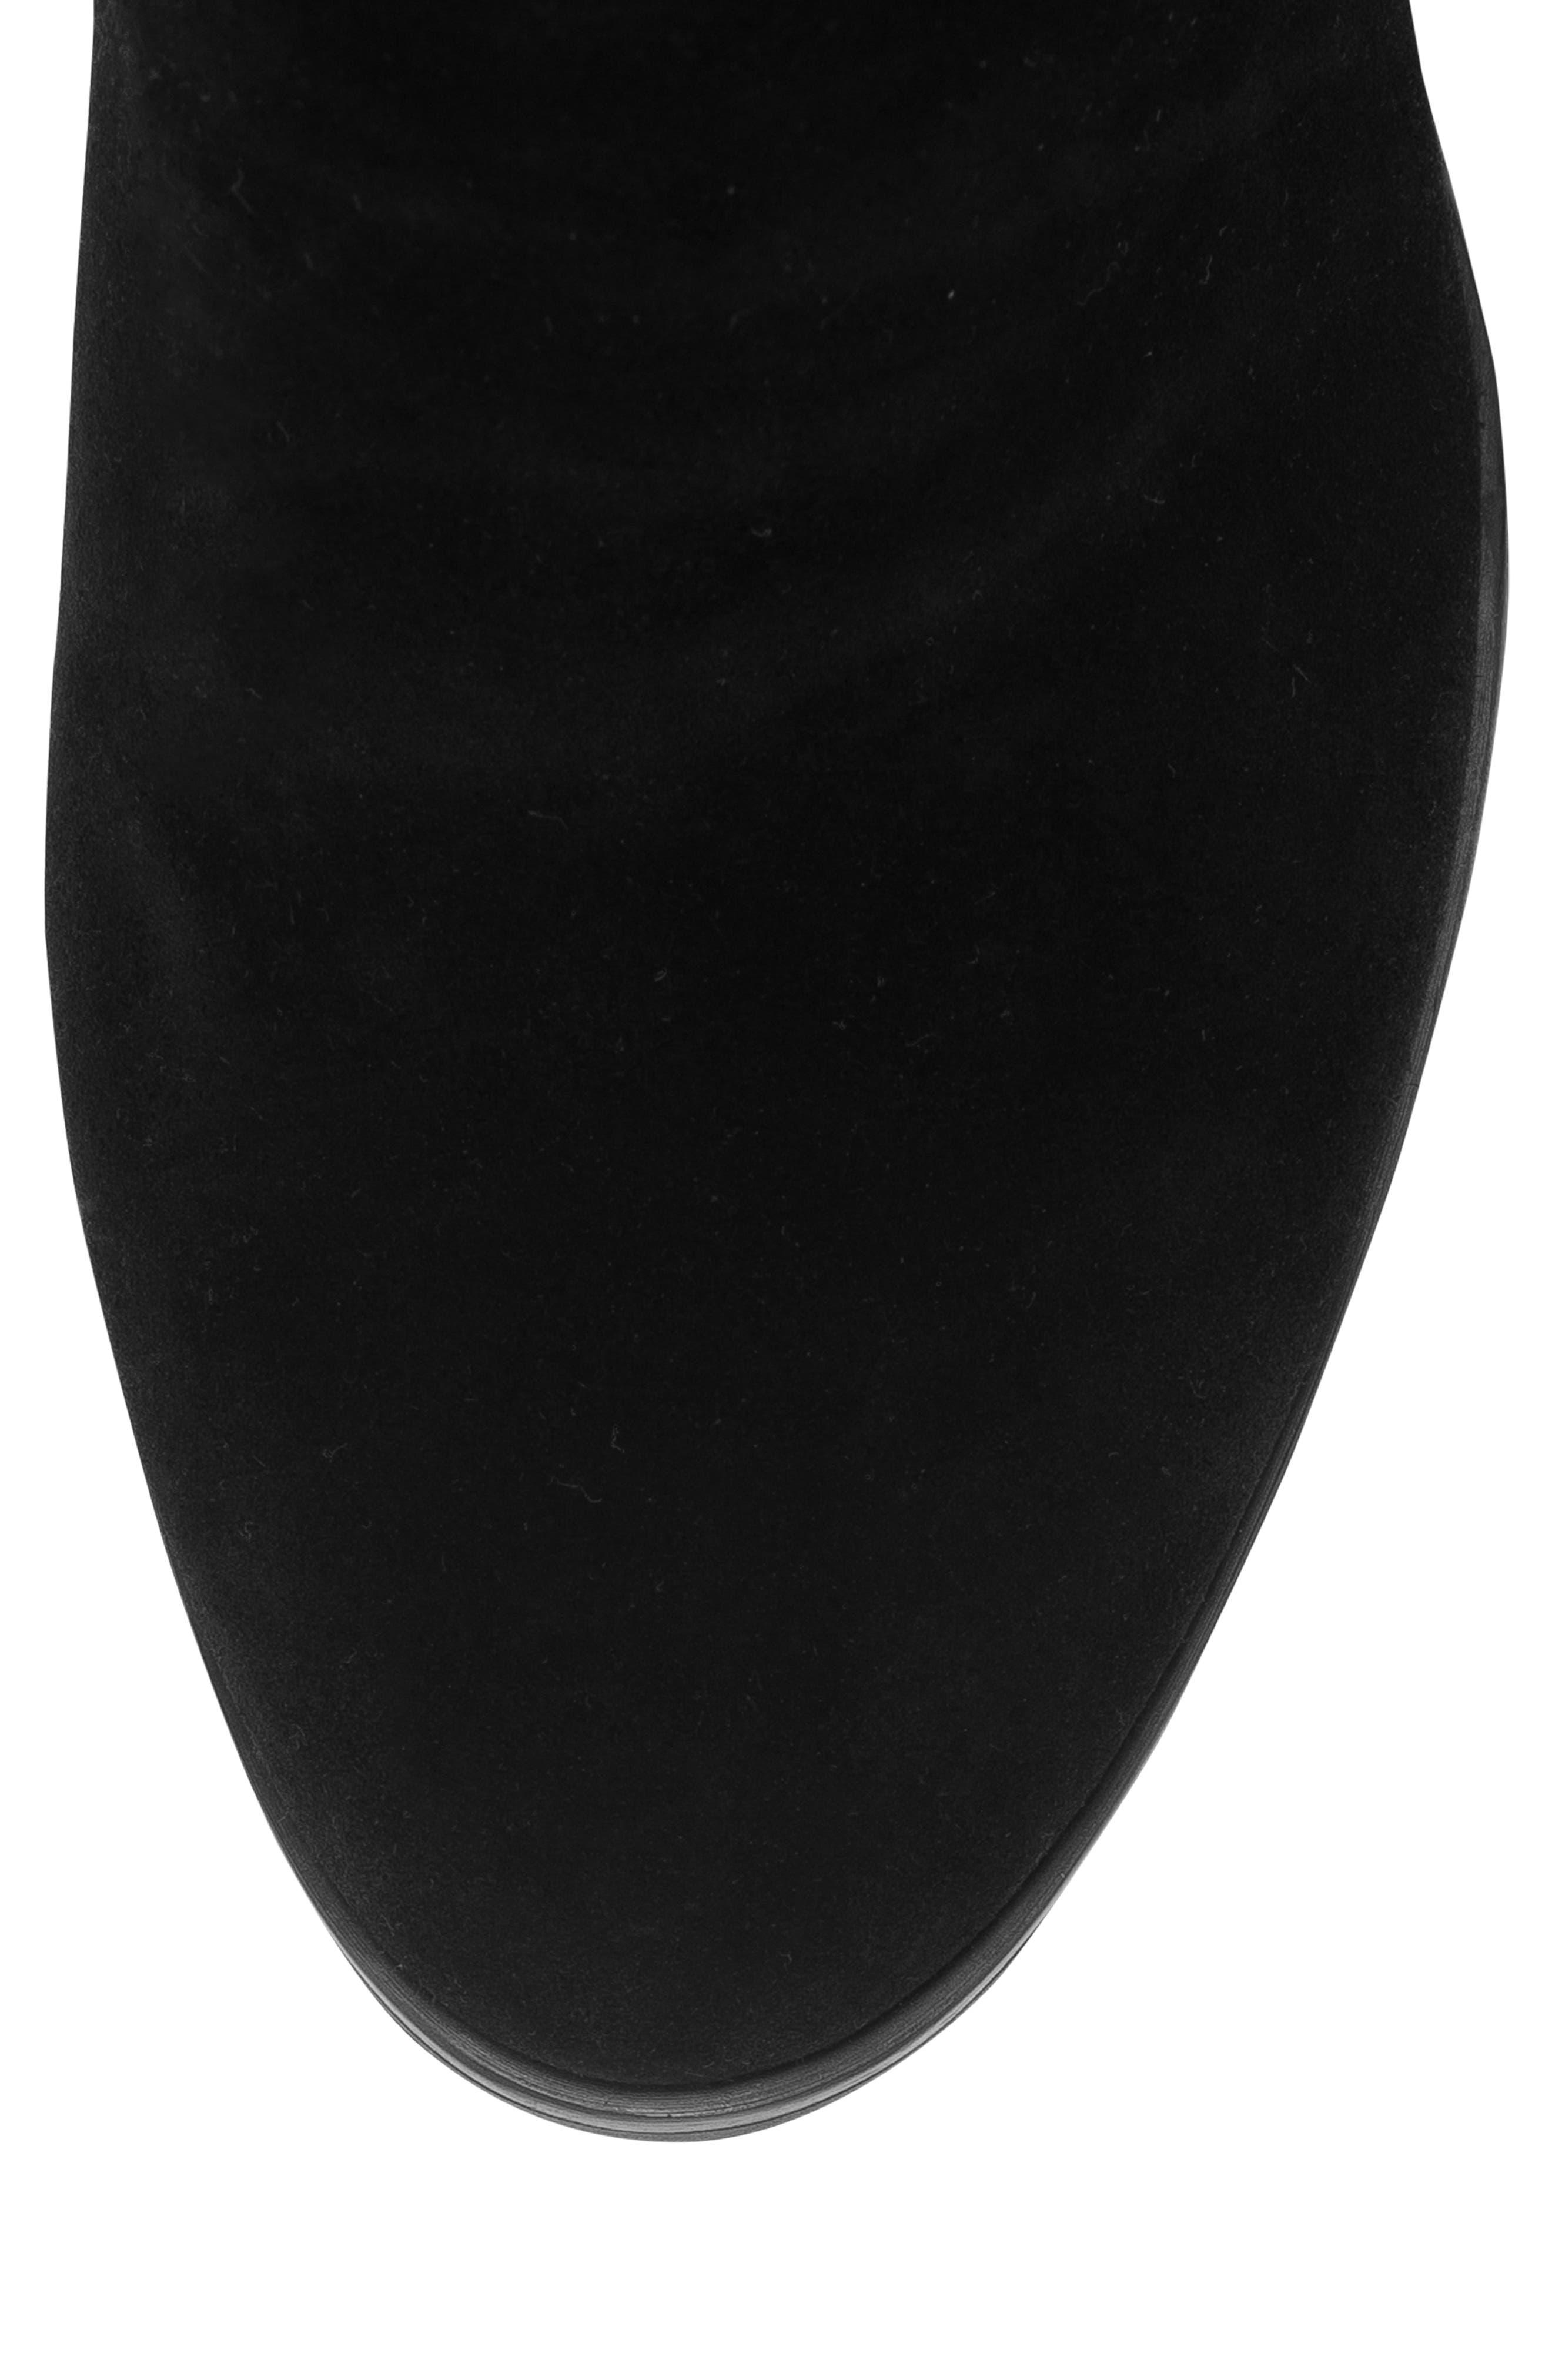 BLONDO, Edith Knee-High Waterproof Suede Boot, Alternate thumbnail 5, color, BLACK SUEDE